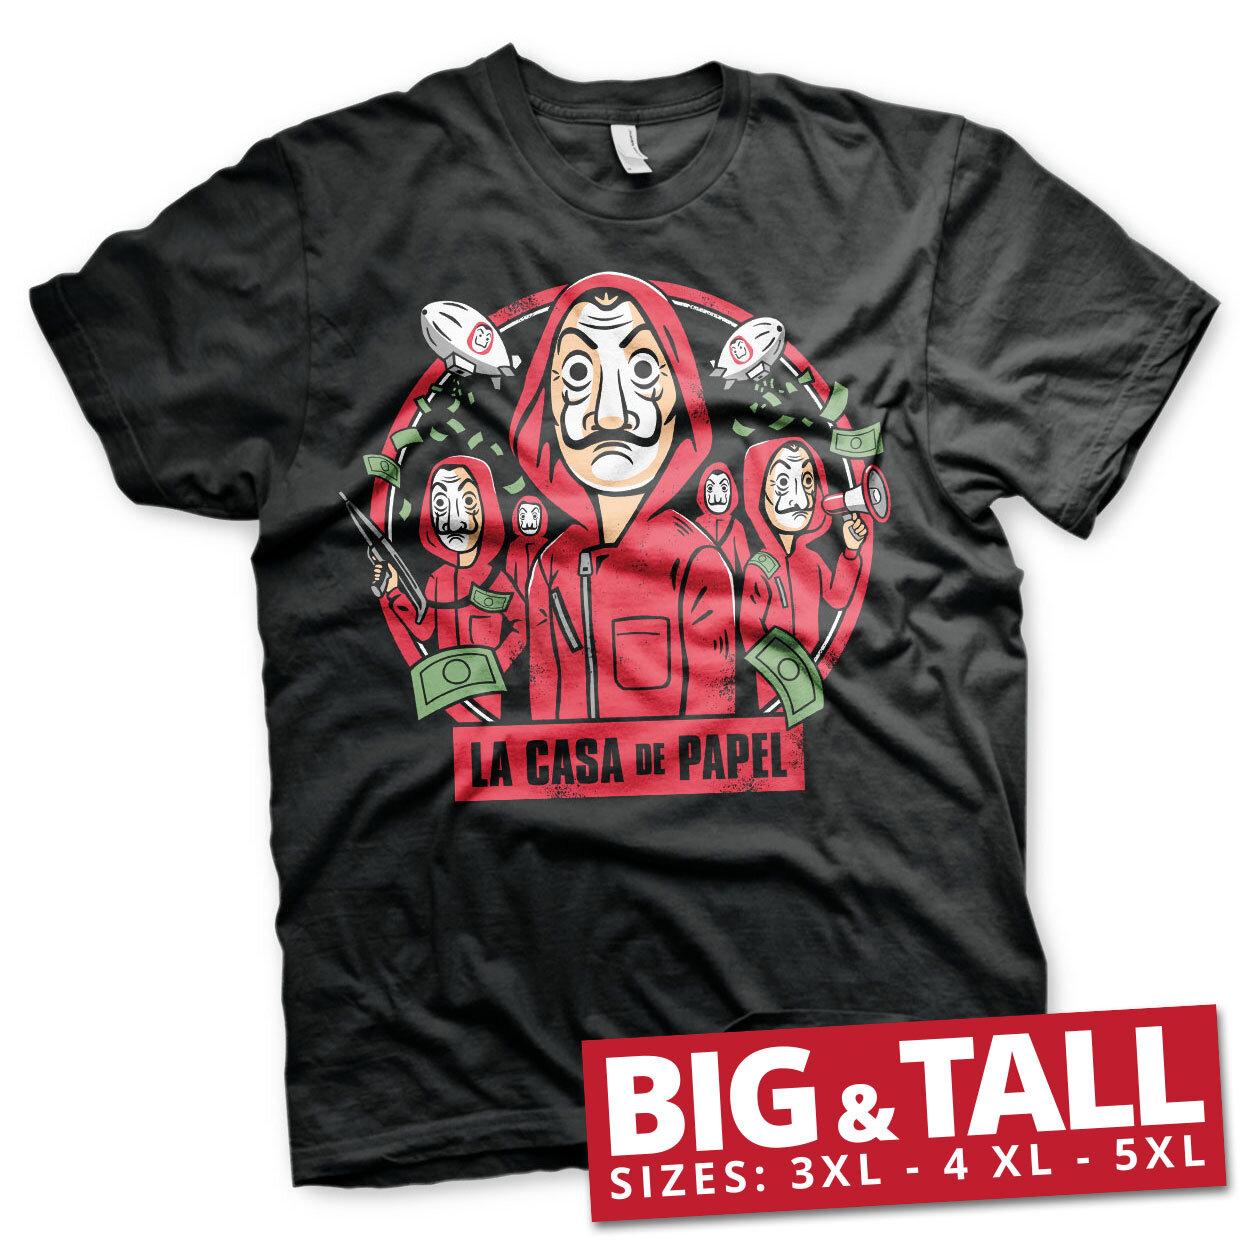 La Casa De Papel Kawaii Big & Tall T-Shirt